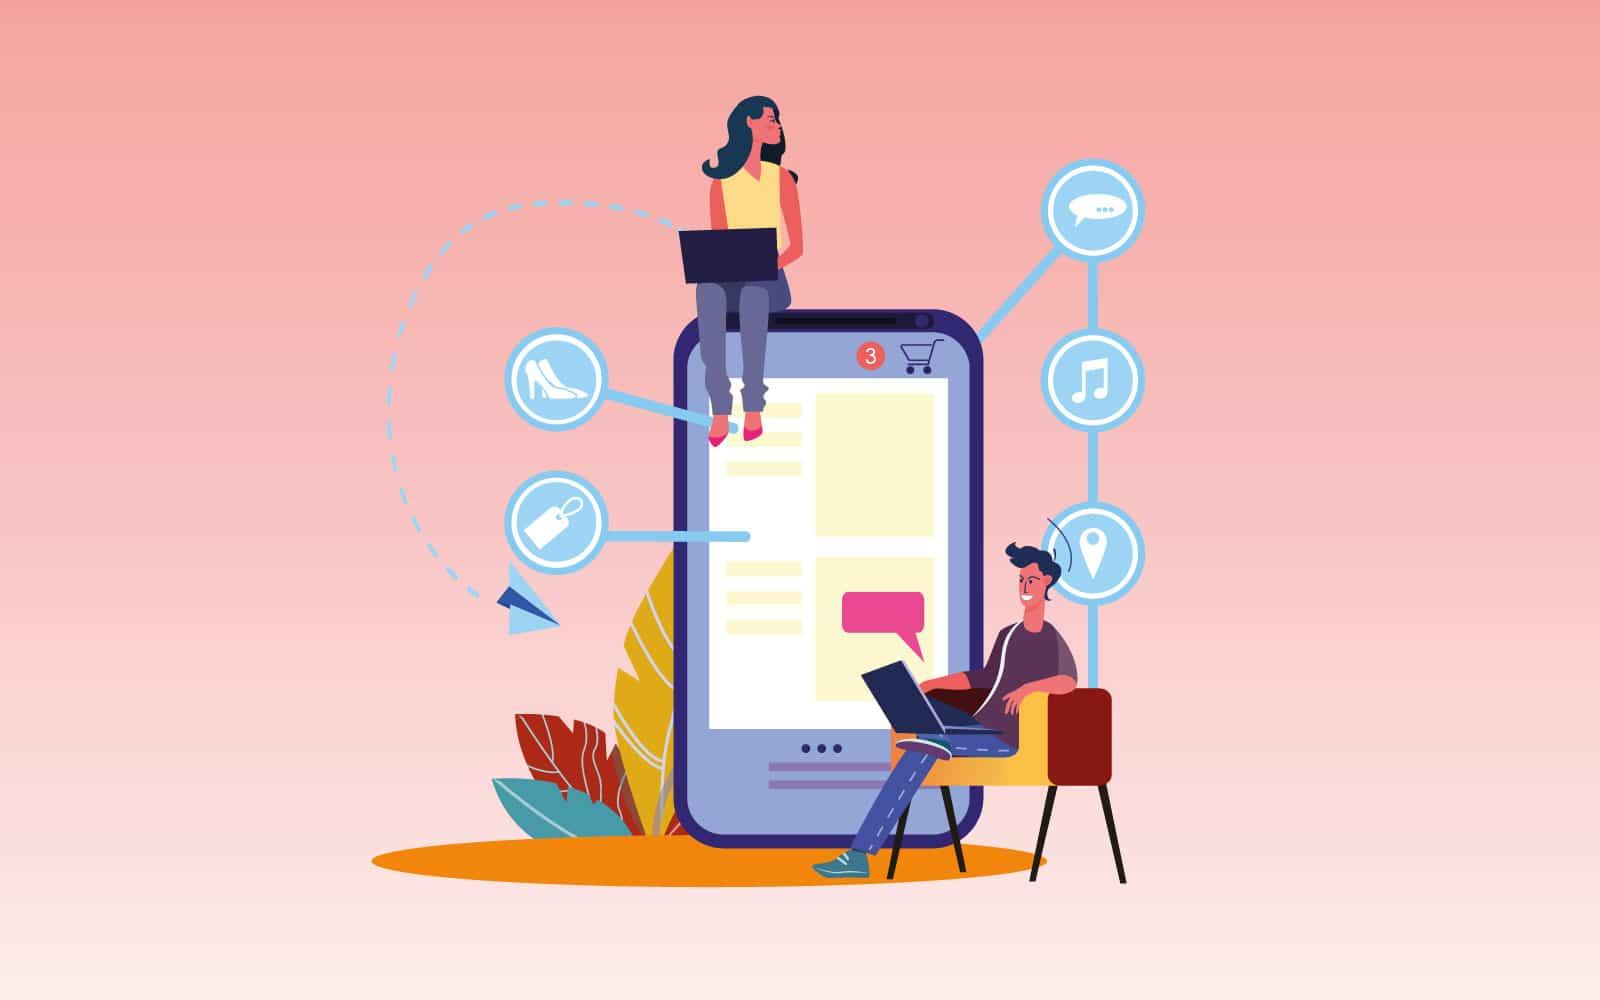 L'ère de la digitalisation : la transformation est en marche